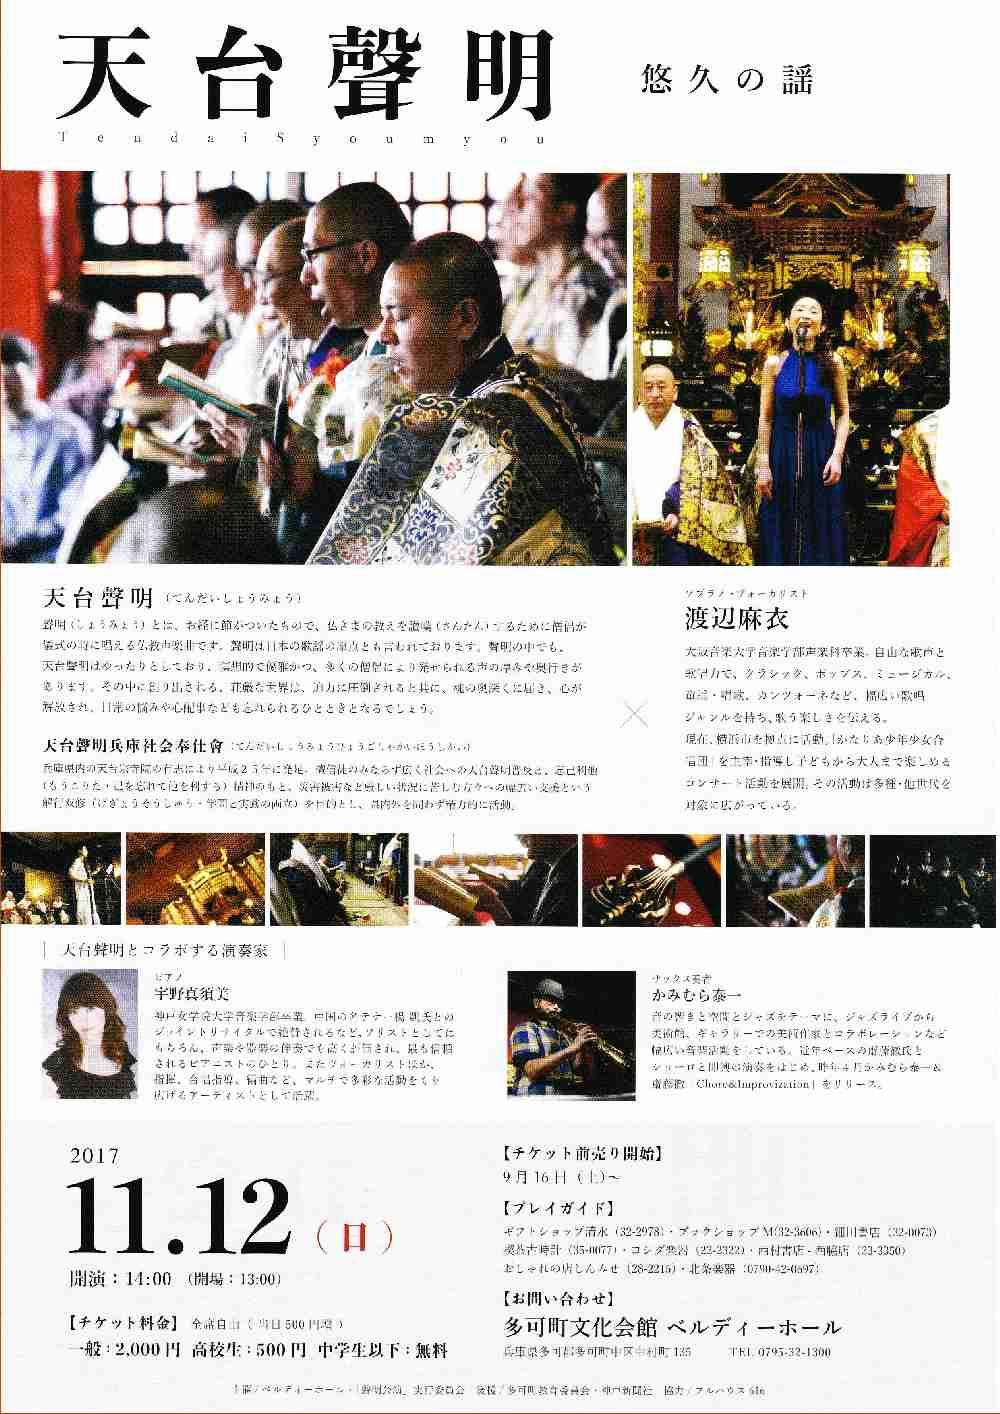 11/12  天台聲明~悠久の謡~withソプラノヴォーカリスト渡辺麻衣